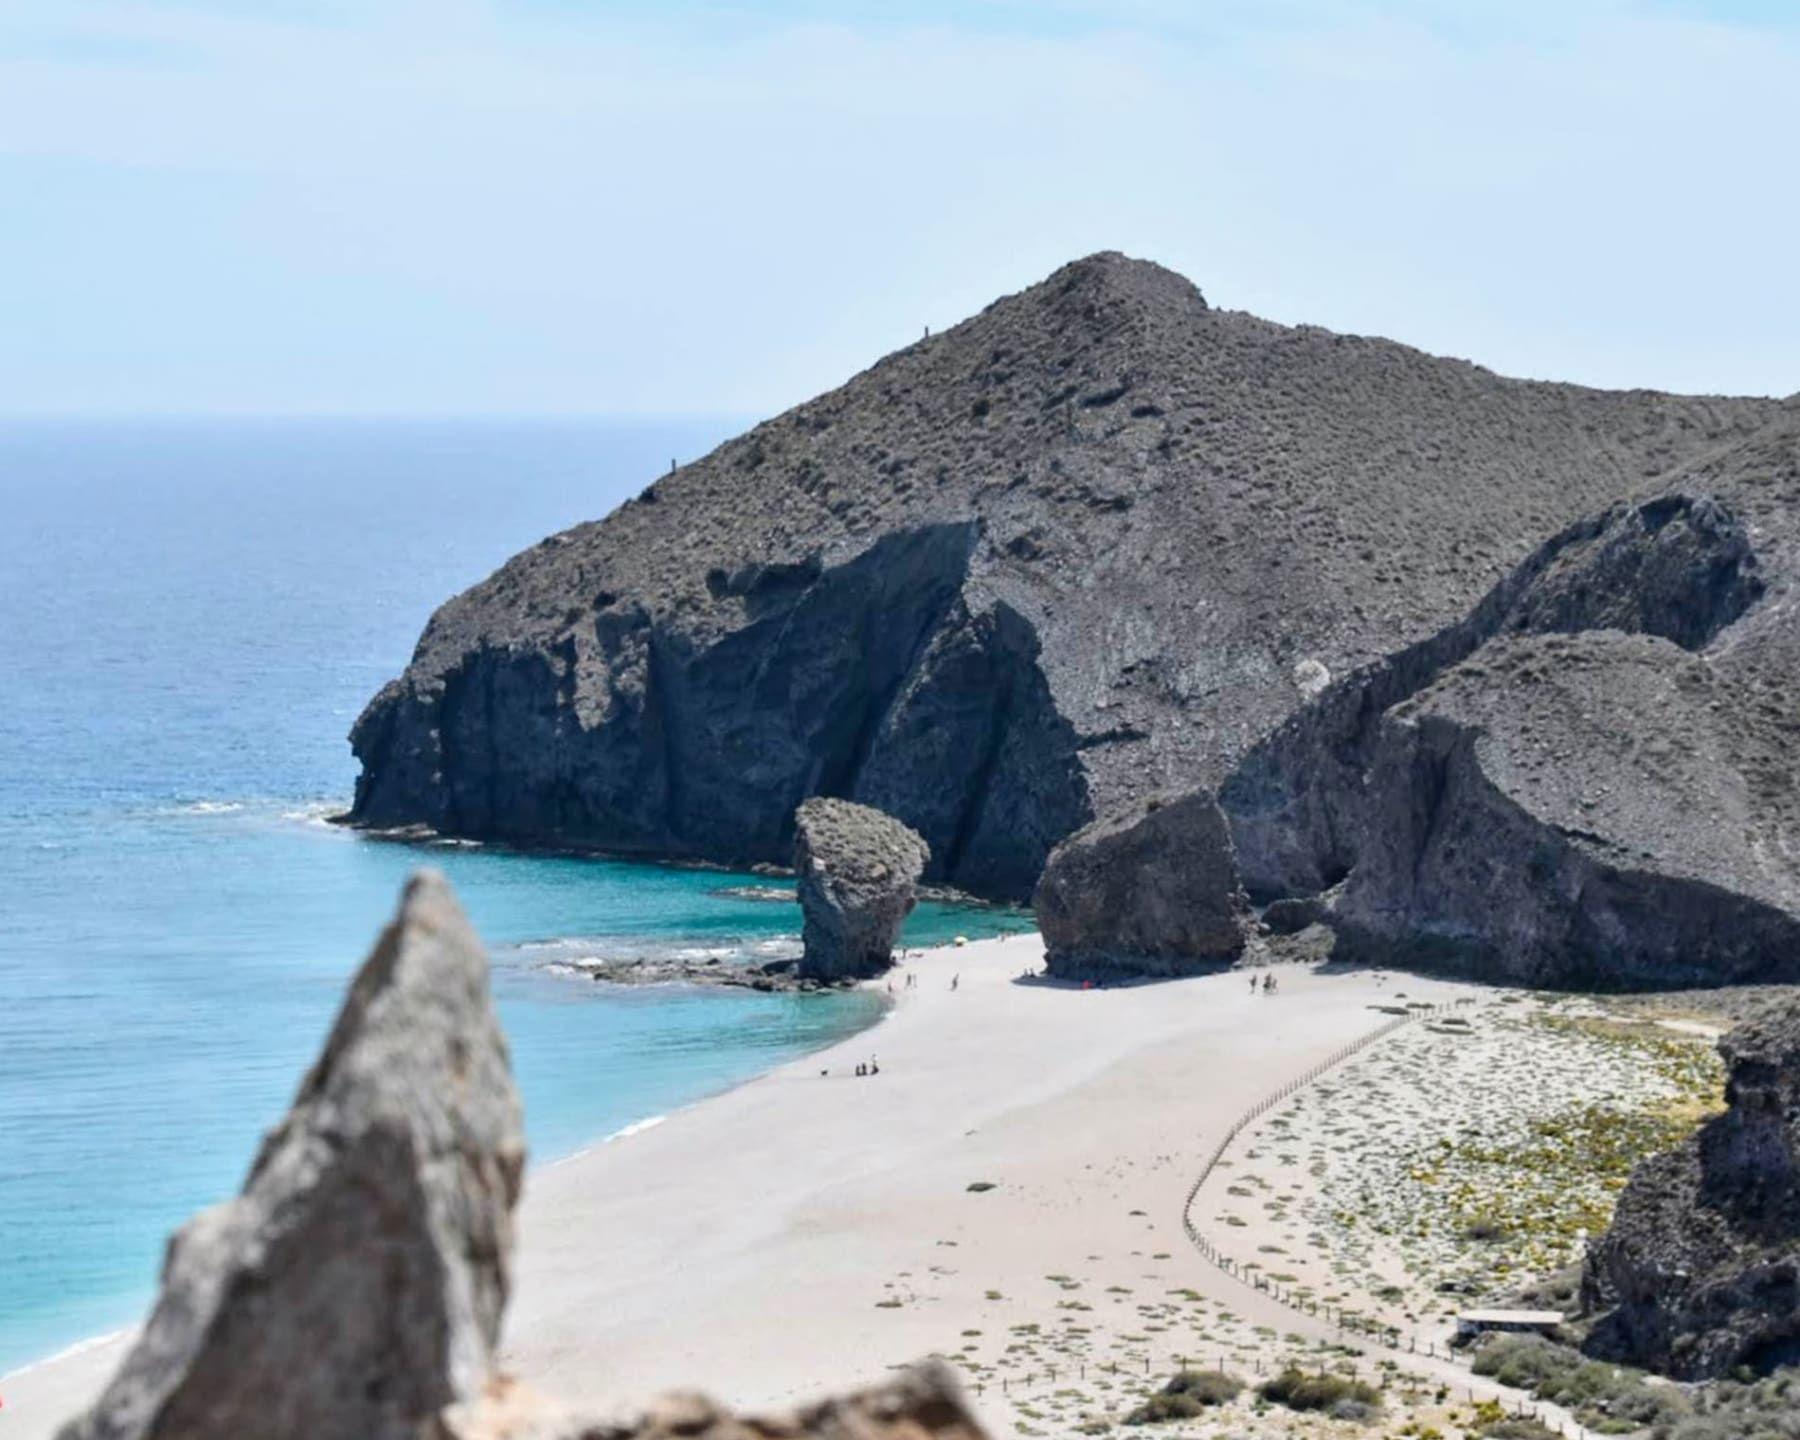 Playas Y Rincones Con Encanto Del Cabo De Gata El Parque Natural Del Cabo De Gata Es Una Escapada Perfecta En 2020 Cabo De Gata Almeria Cabo De Gata Parques Naturales